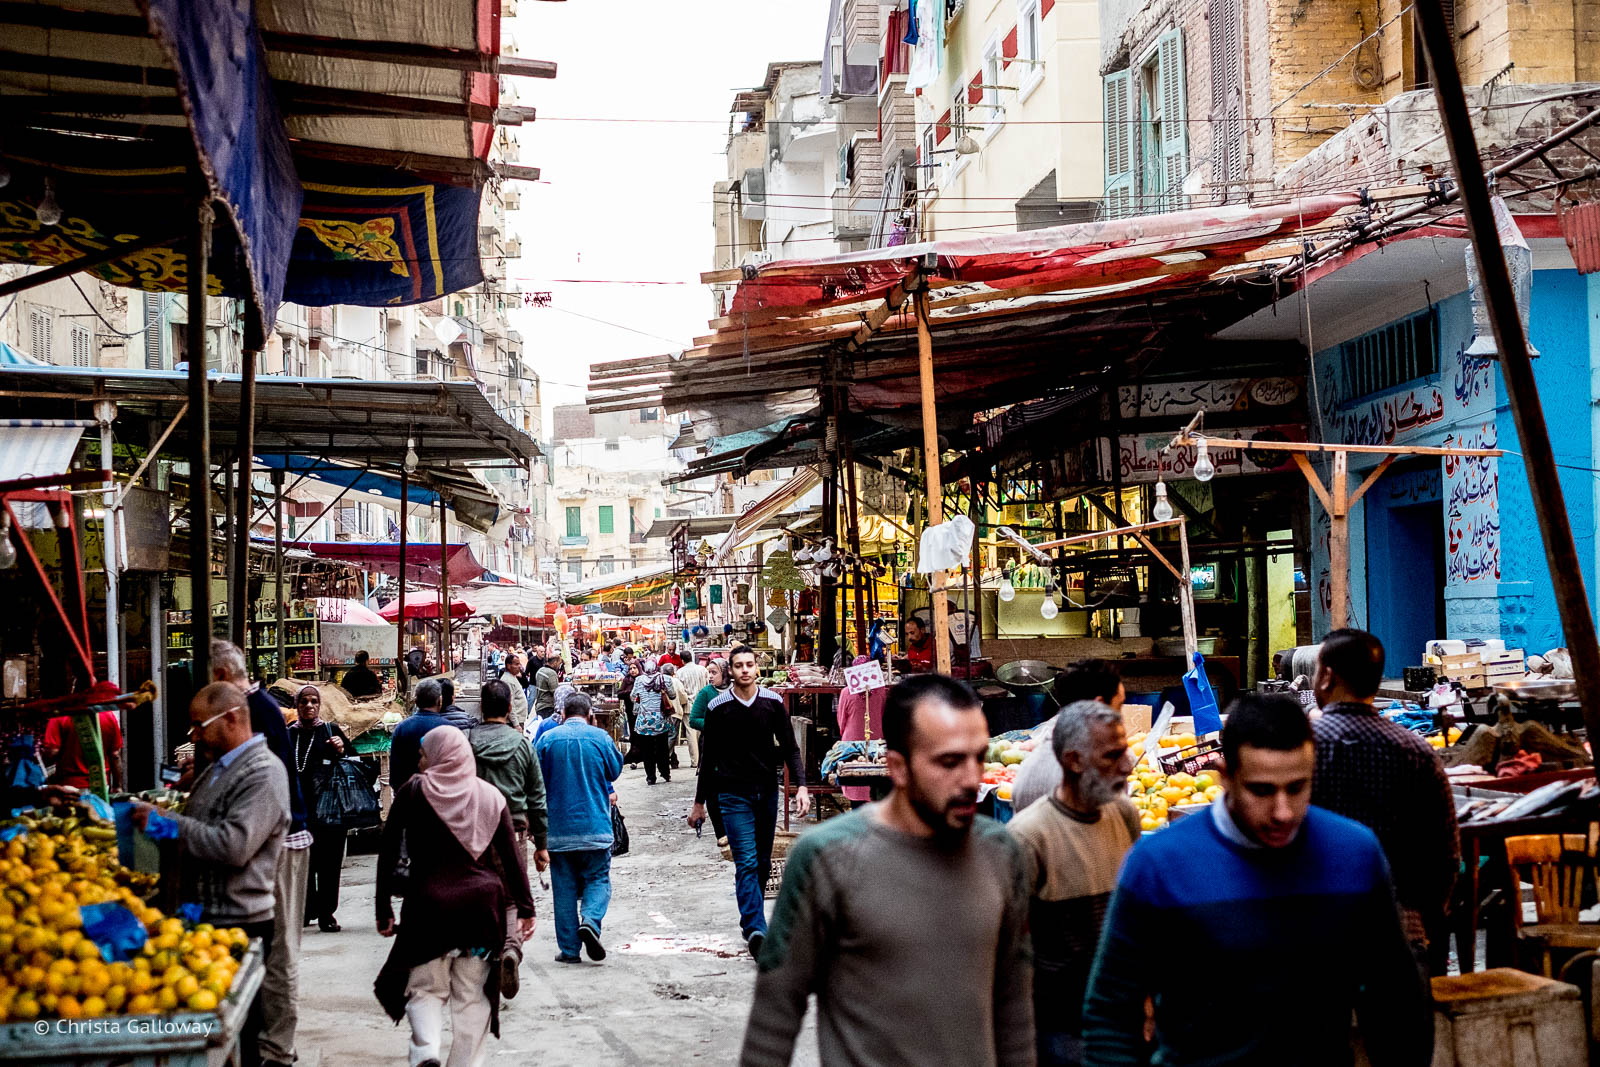 Mansheny market in Alexandria, Egypt.